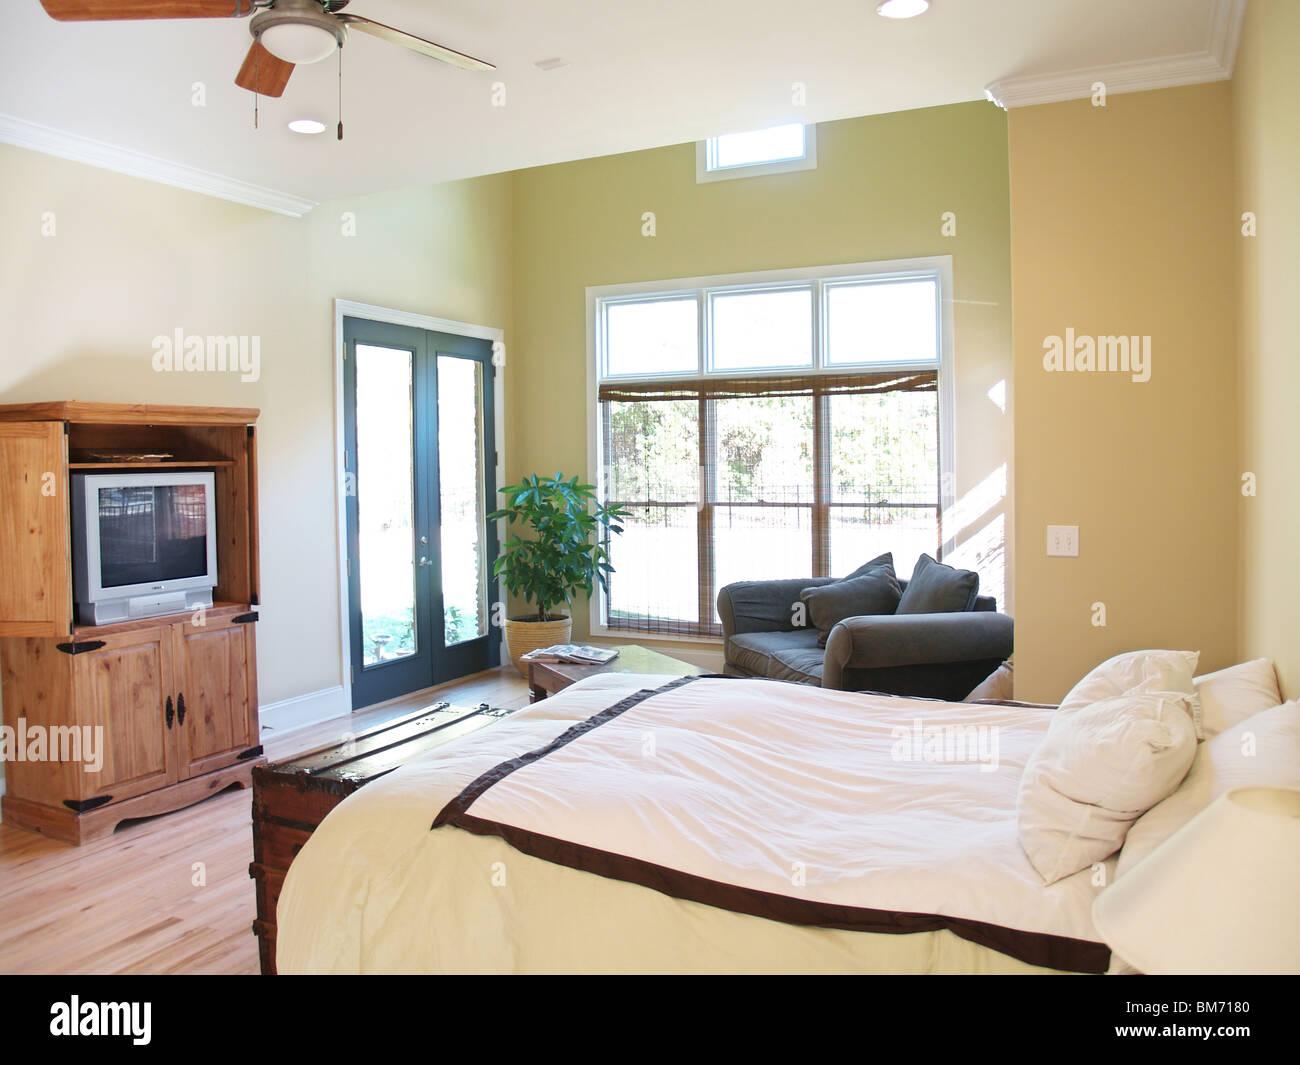 Una luminosa camera da letto in stile rustico in un moderno american ...